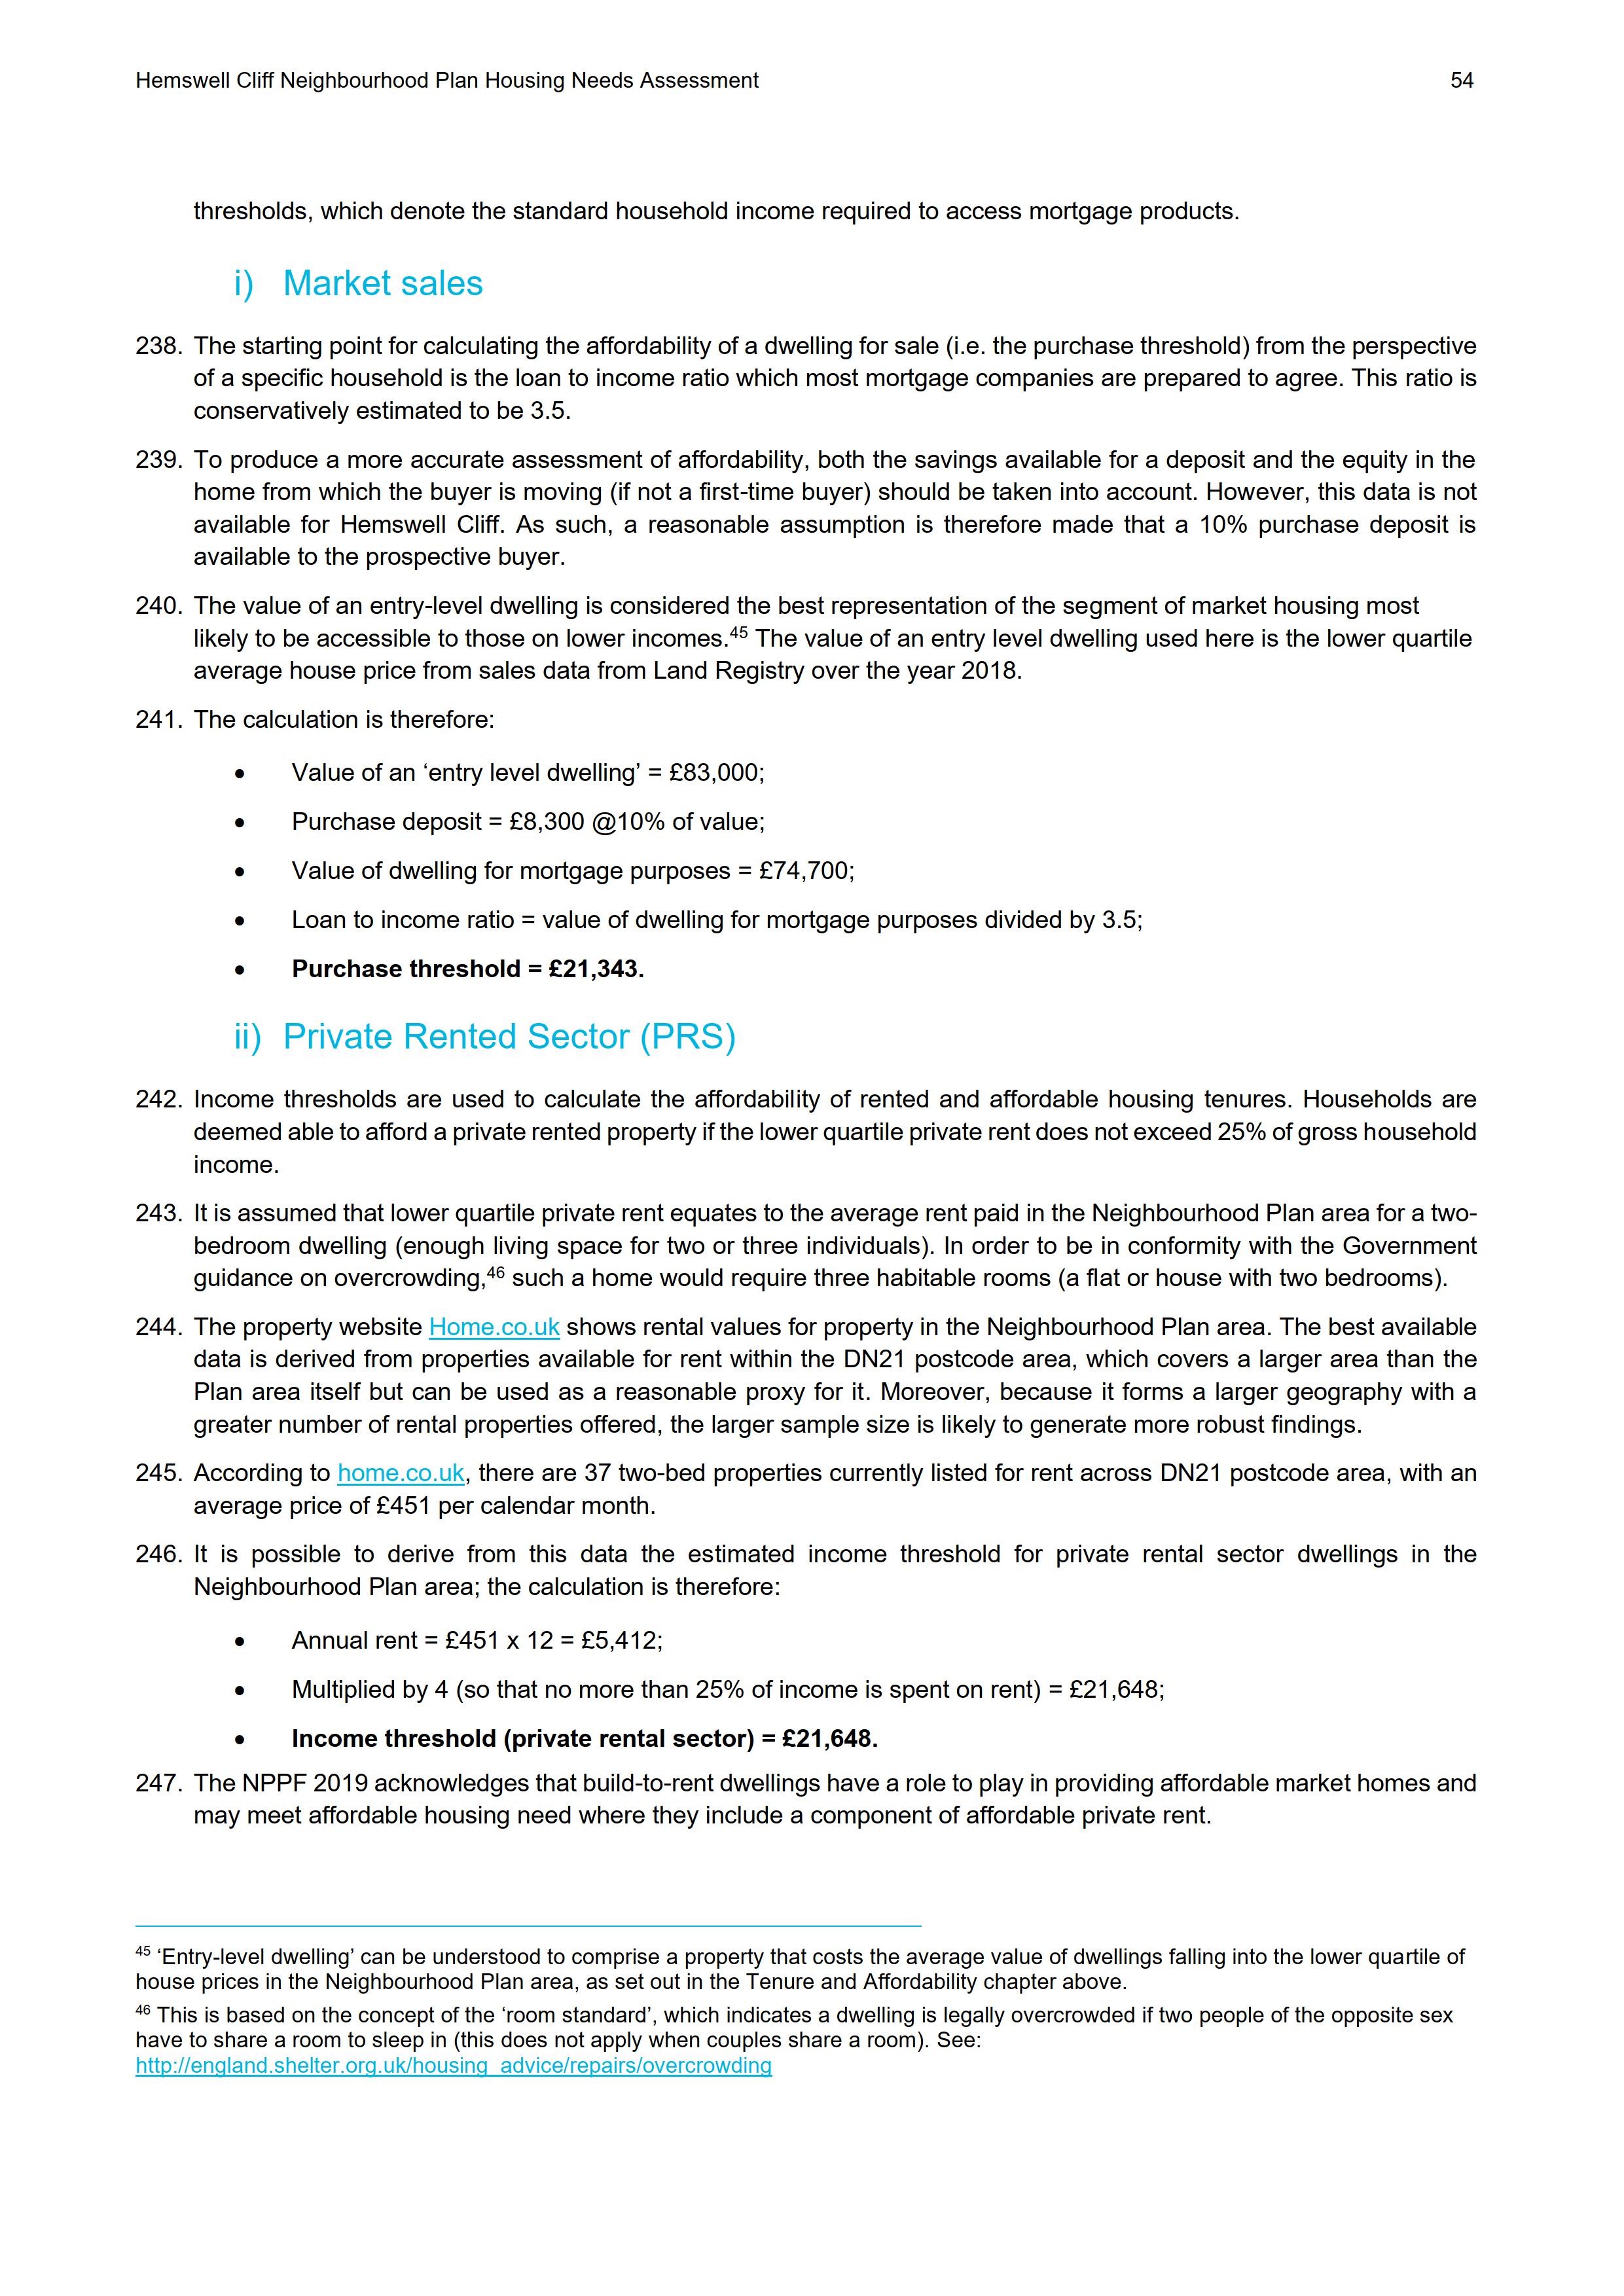 Hemswell_Cliff_Housing_Needs_Assessment_Final_54.png